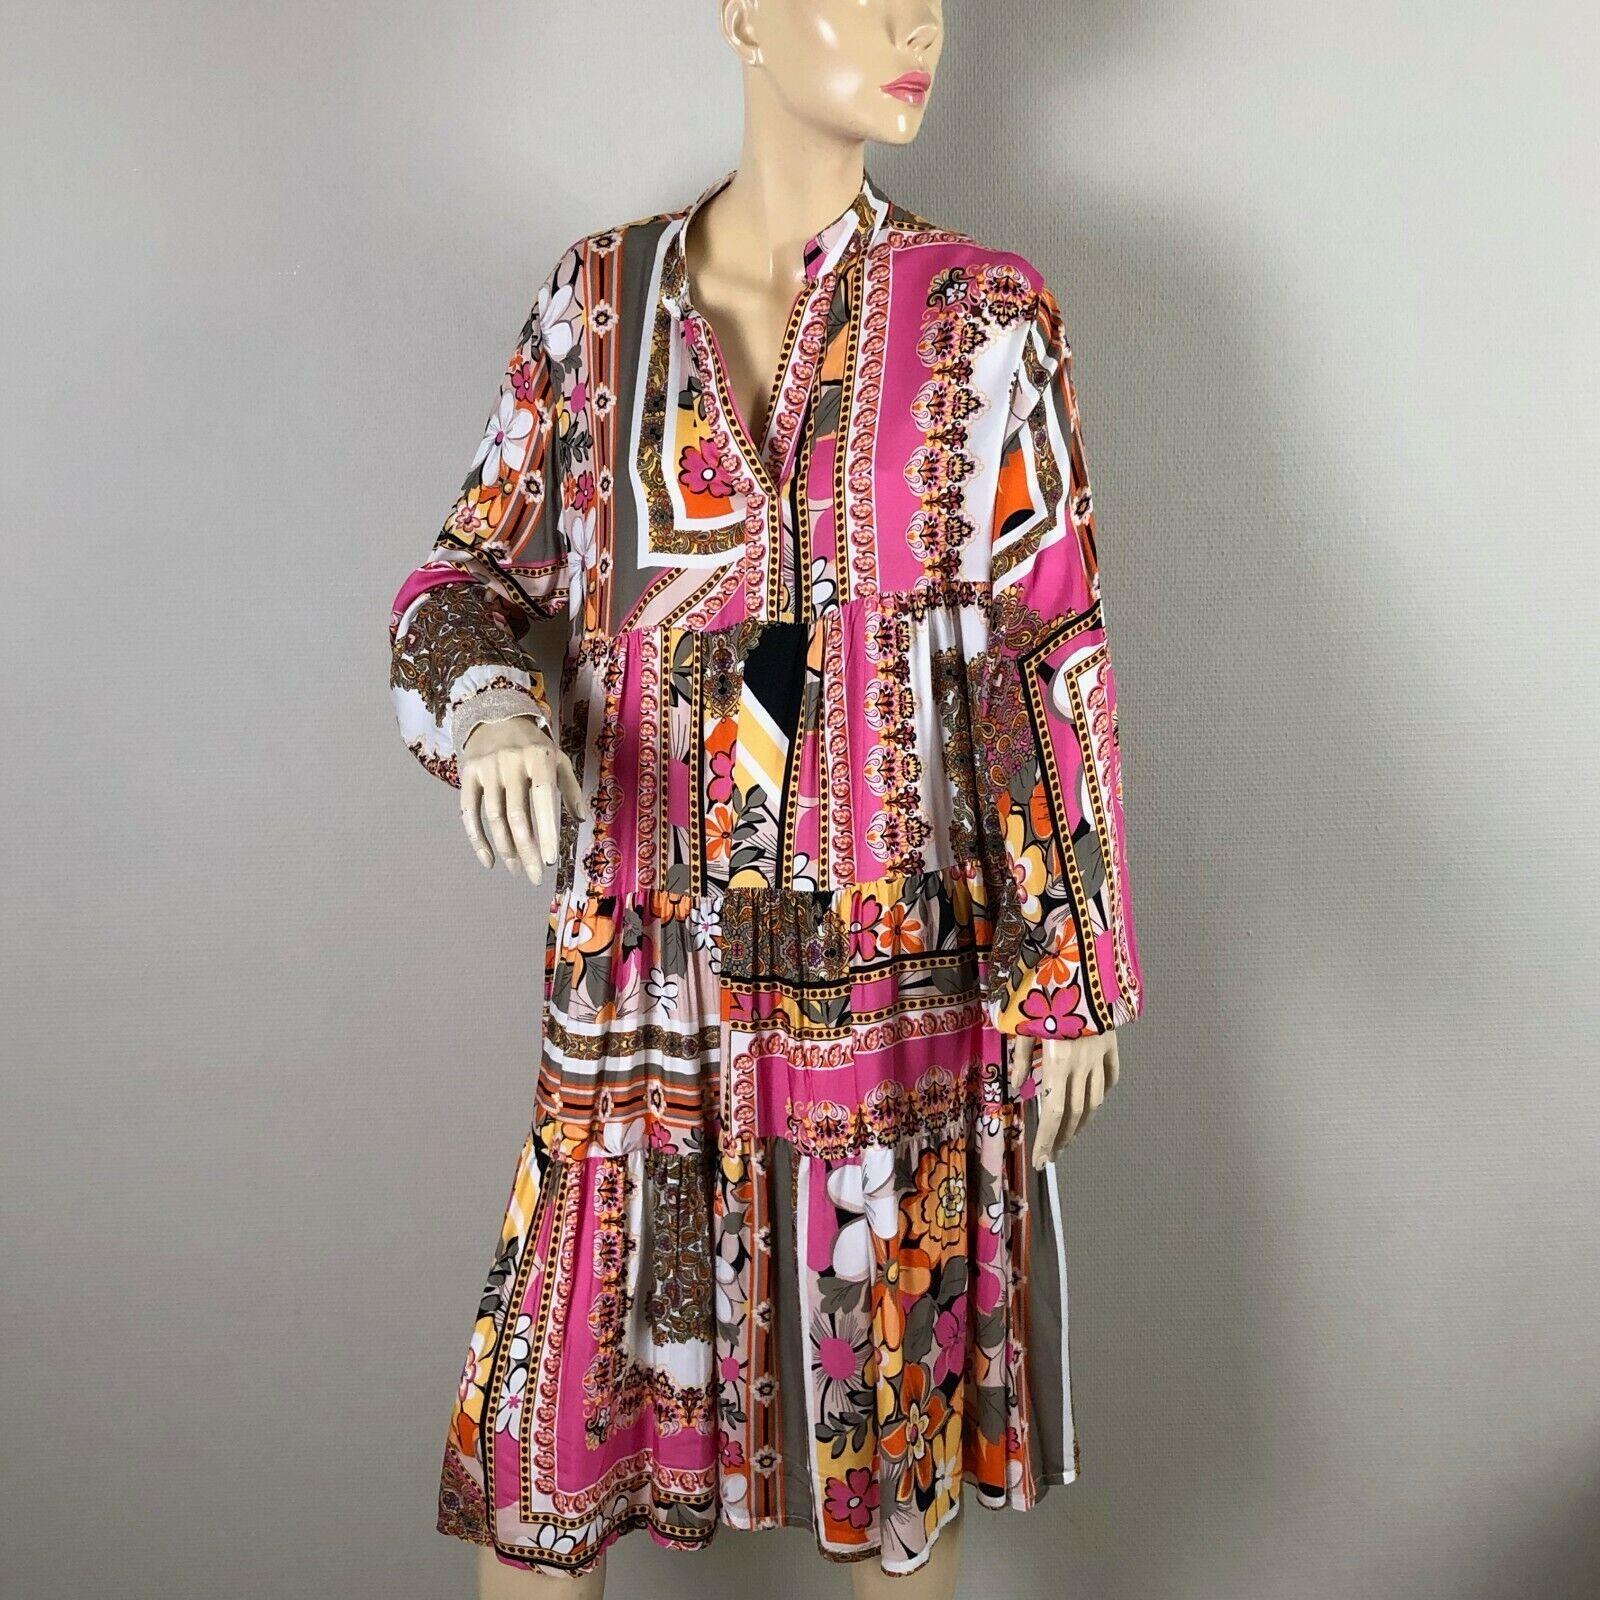 Elbflorenz weiß Rosa mehrfarbig Maxi-Kleid Mustermix Tunika Hängerchen One Größe